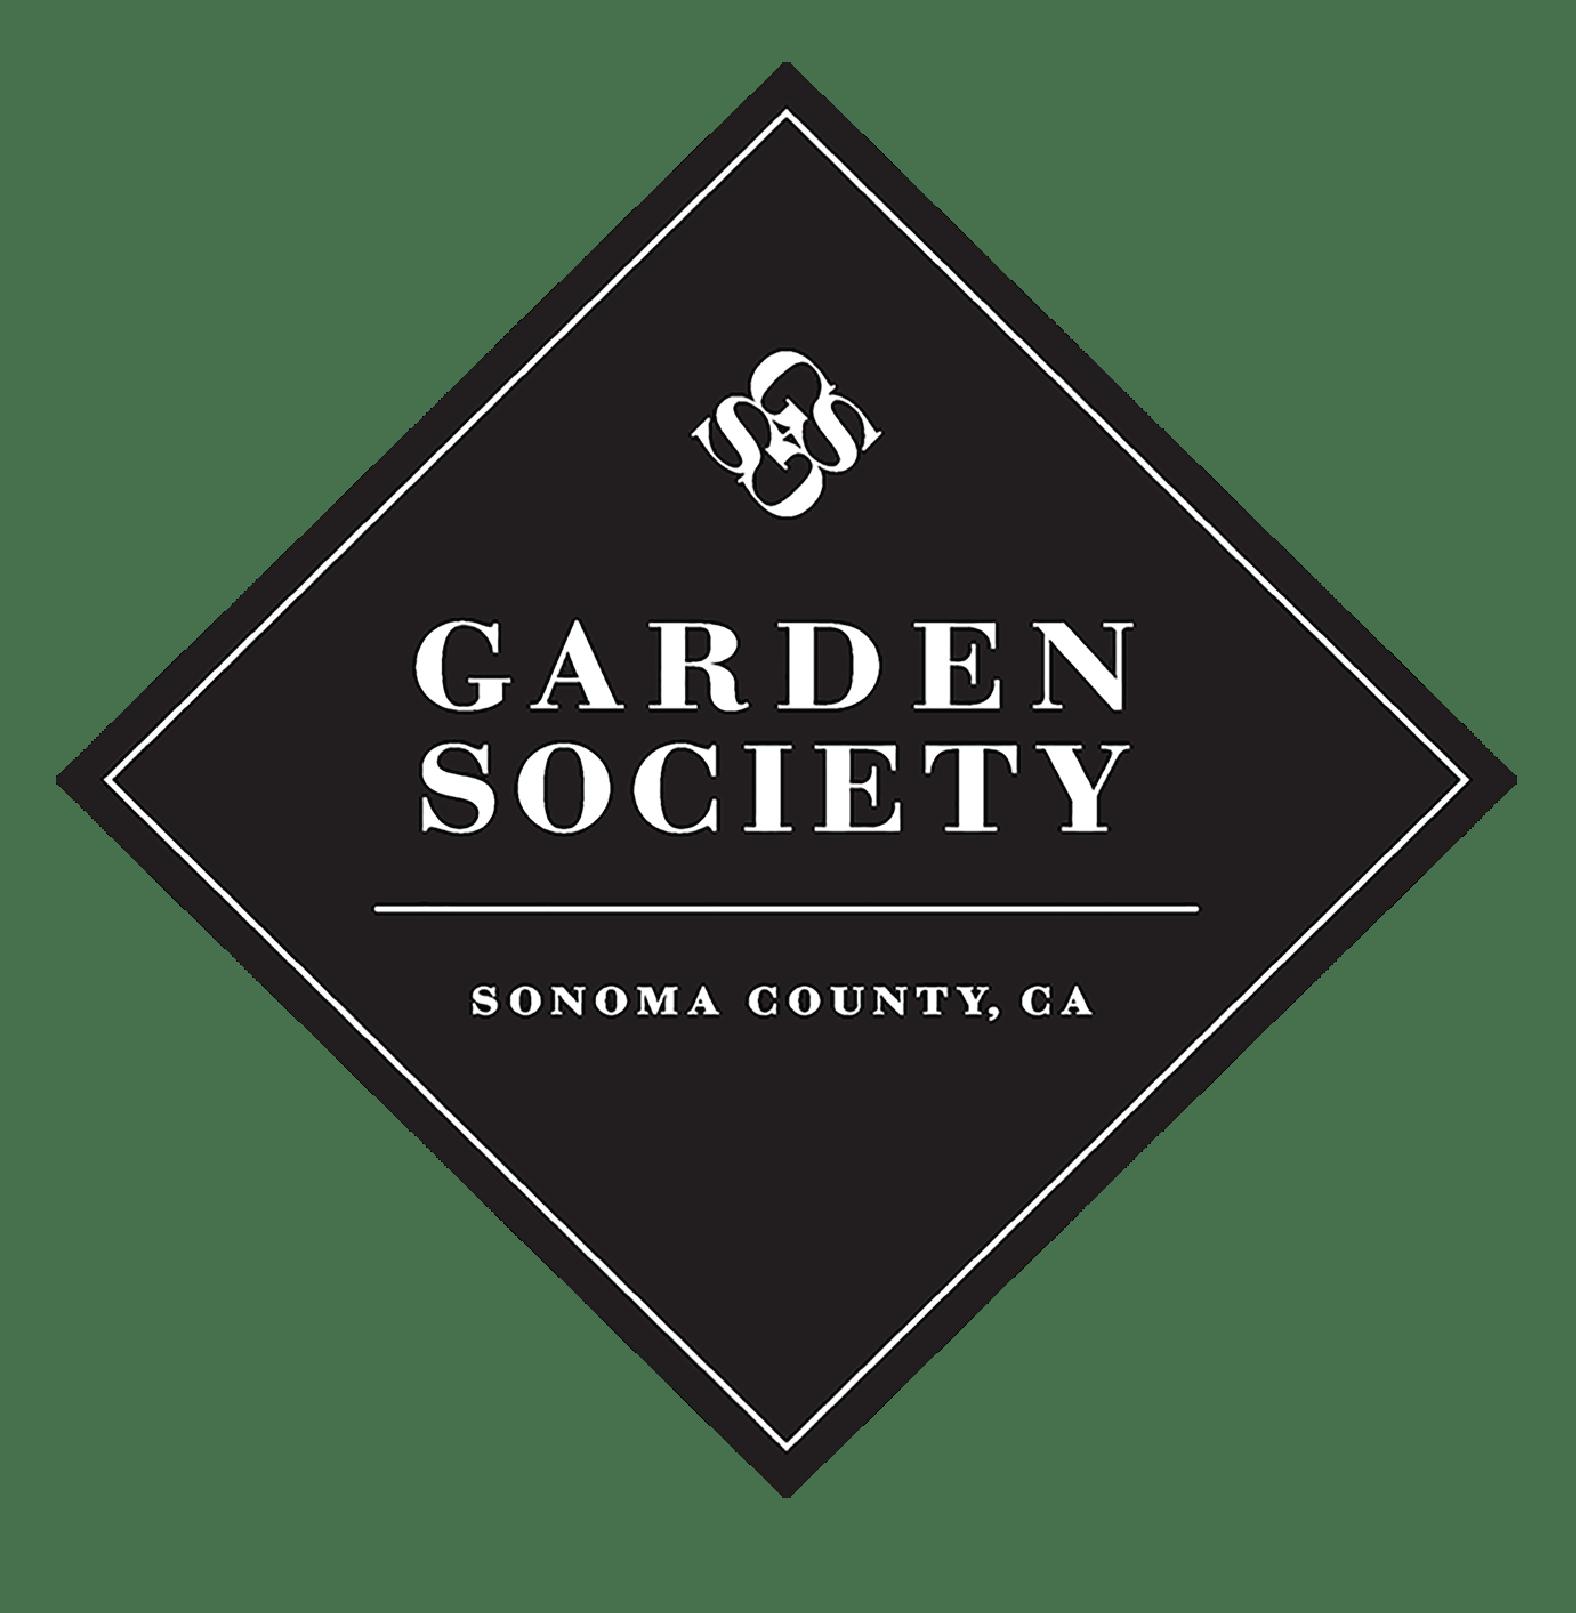 garden-society